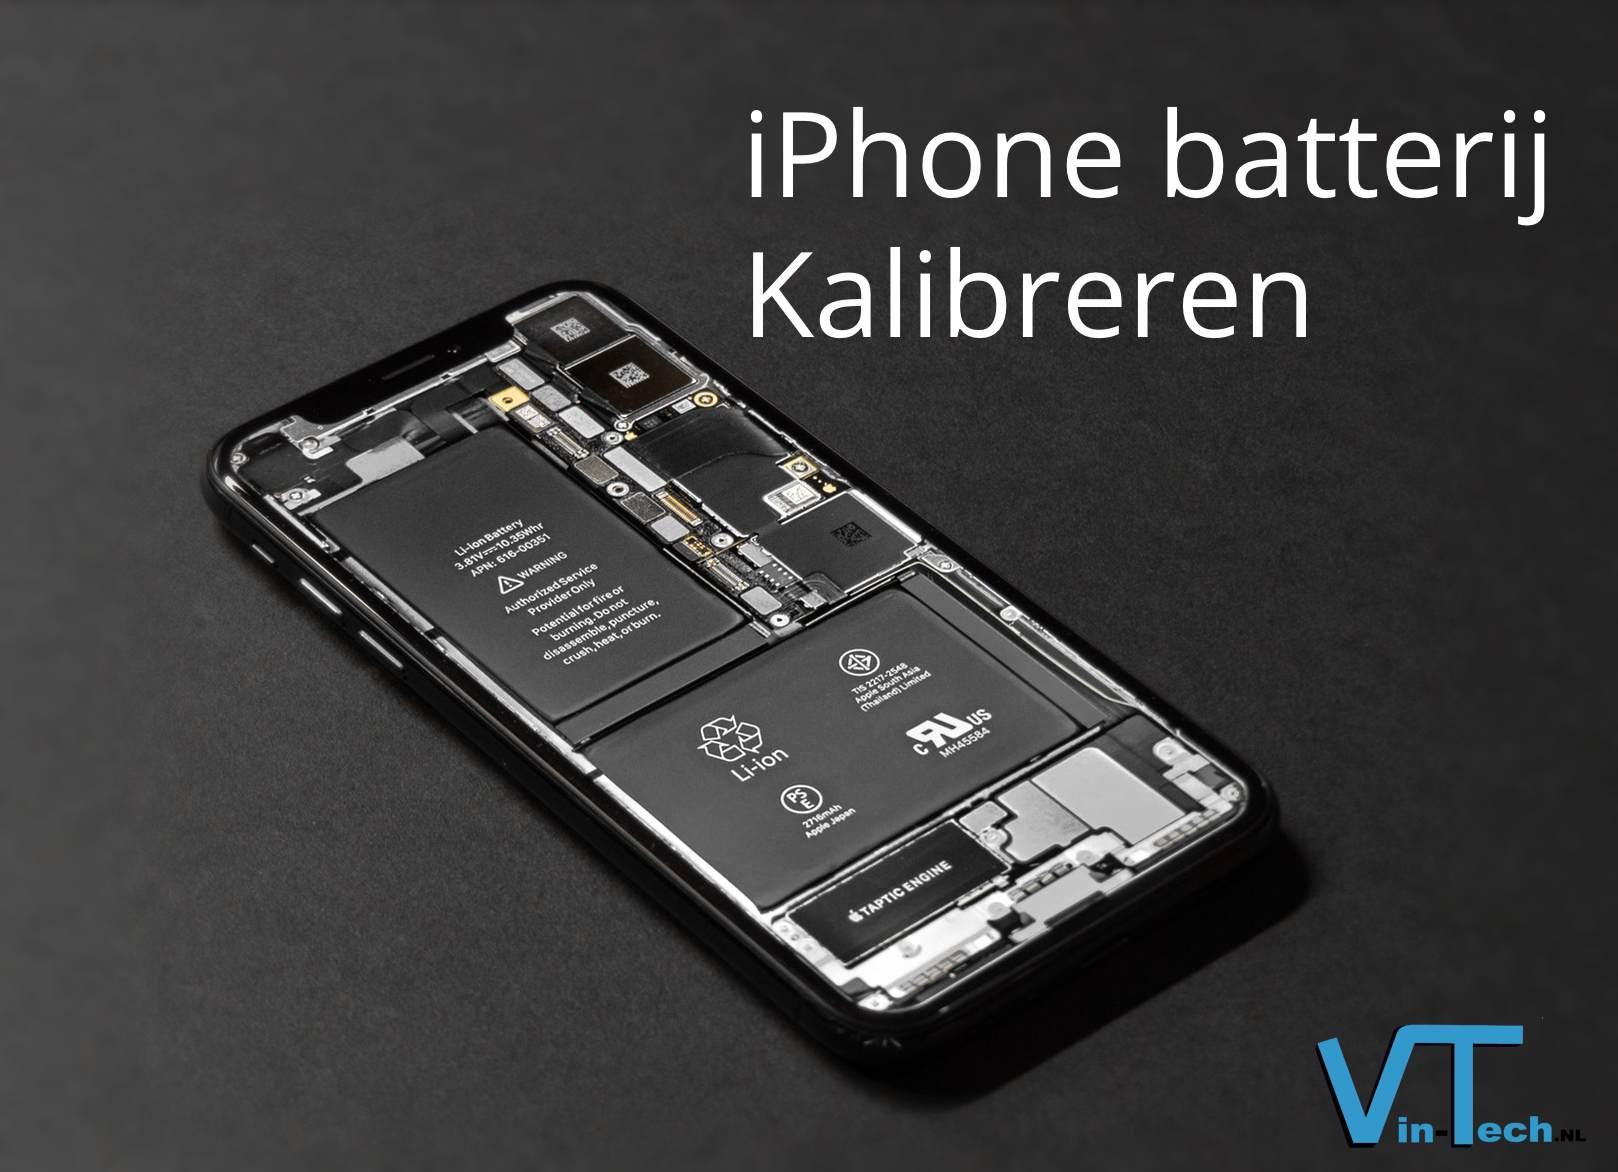 <p>Soms is het nodig om je iPhone batterij te kalibreren. Er is eigenlijk maar één reden om je batterij te kalibreren en dat is als je batterij percentage niet meer […]</p>